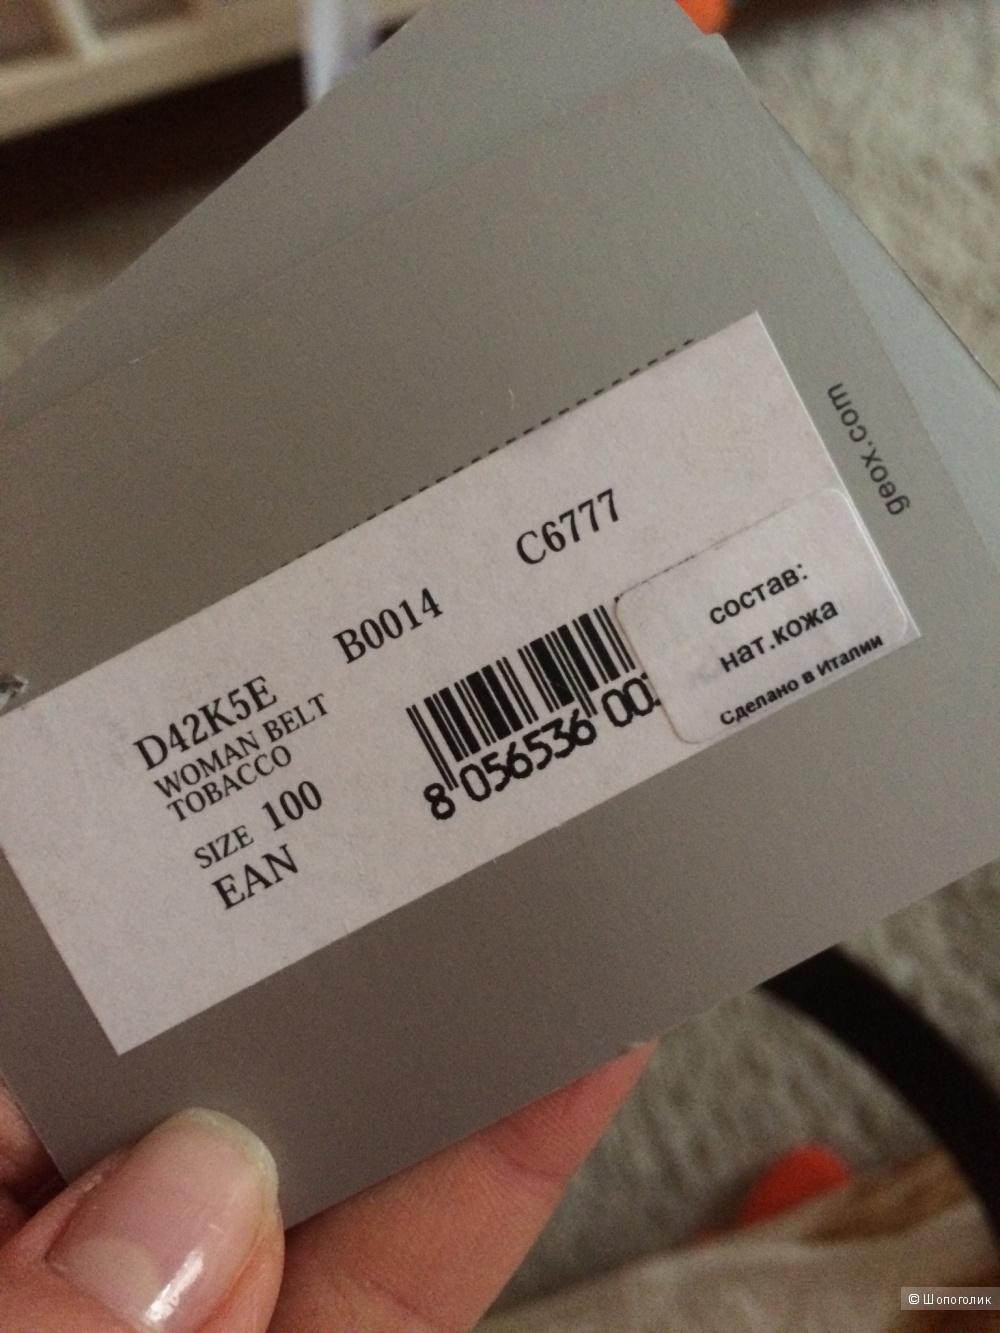 Ремень GEOX RESPIRA кожа 100 см коричневый